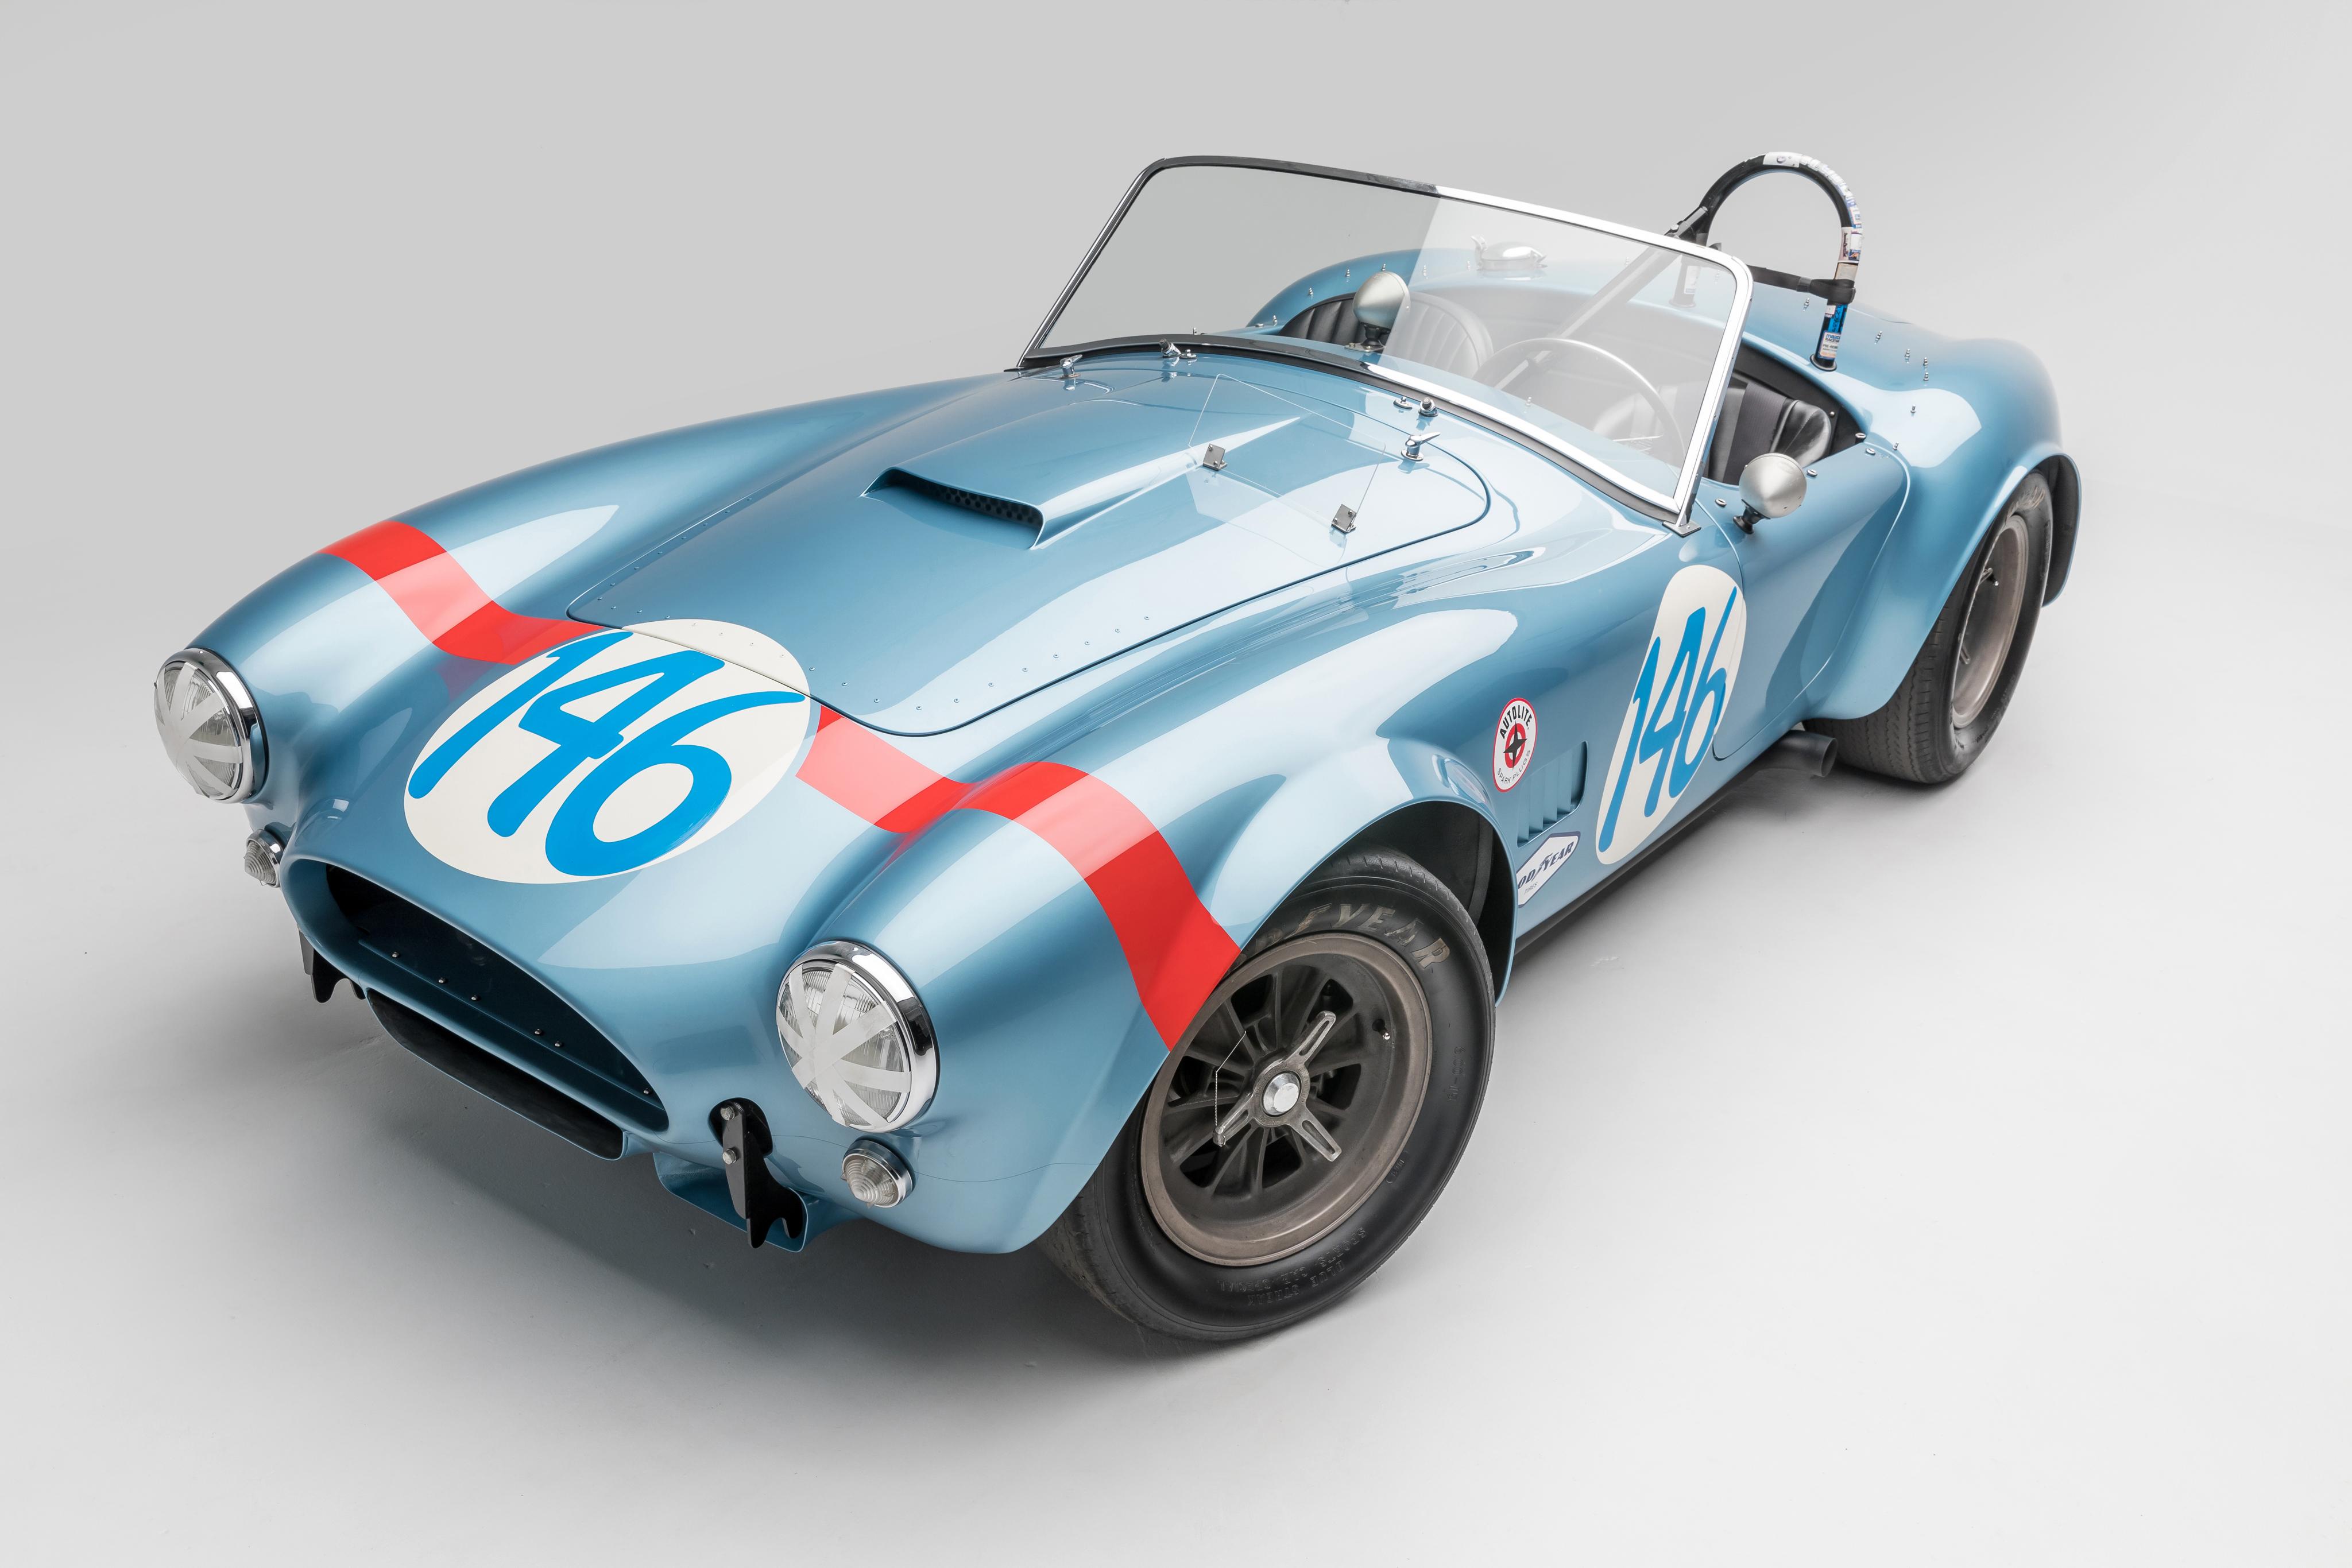 Фотографии SSC 1964 Shelby Cobra 289 FIA Competition Родстер Кабриолет Винтаж голубая Авто сером фоне Shelby Super Cars кабриолета Ретро голубых голубые Голубой старинные Машины Автомобили Серый фон